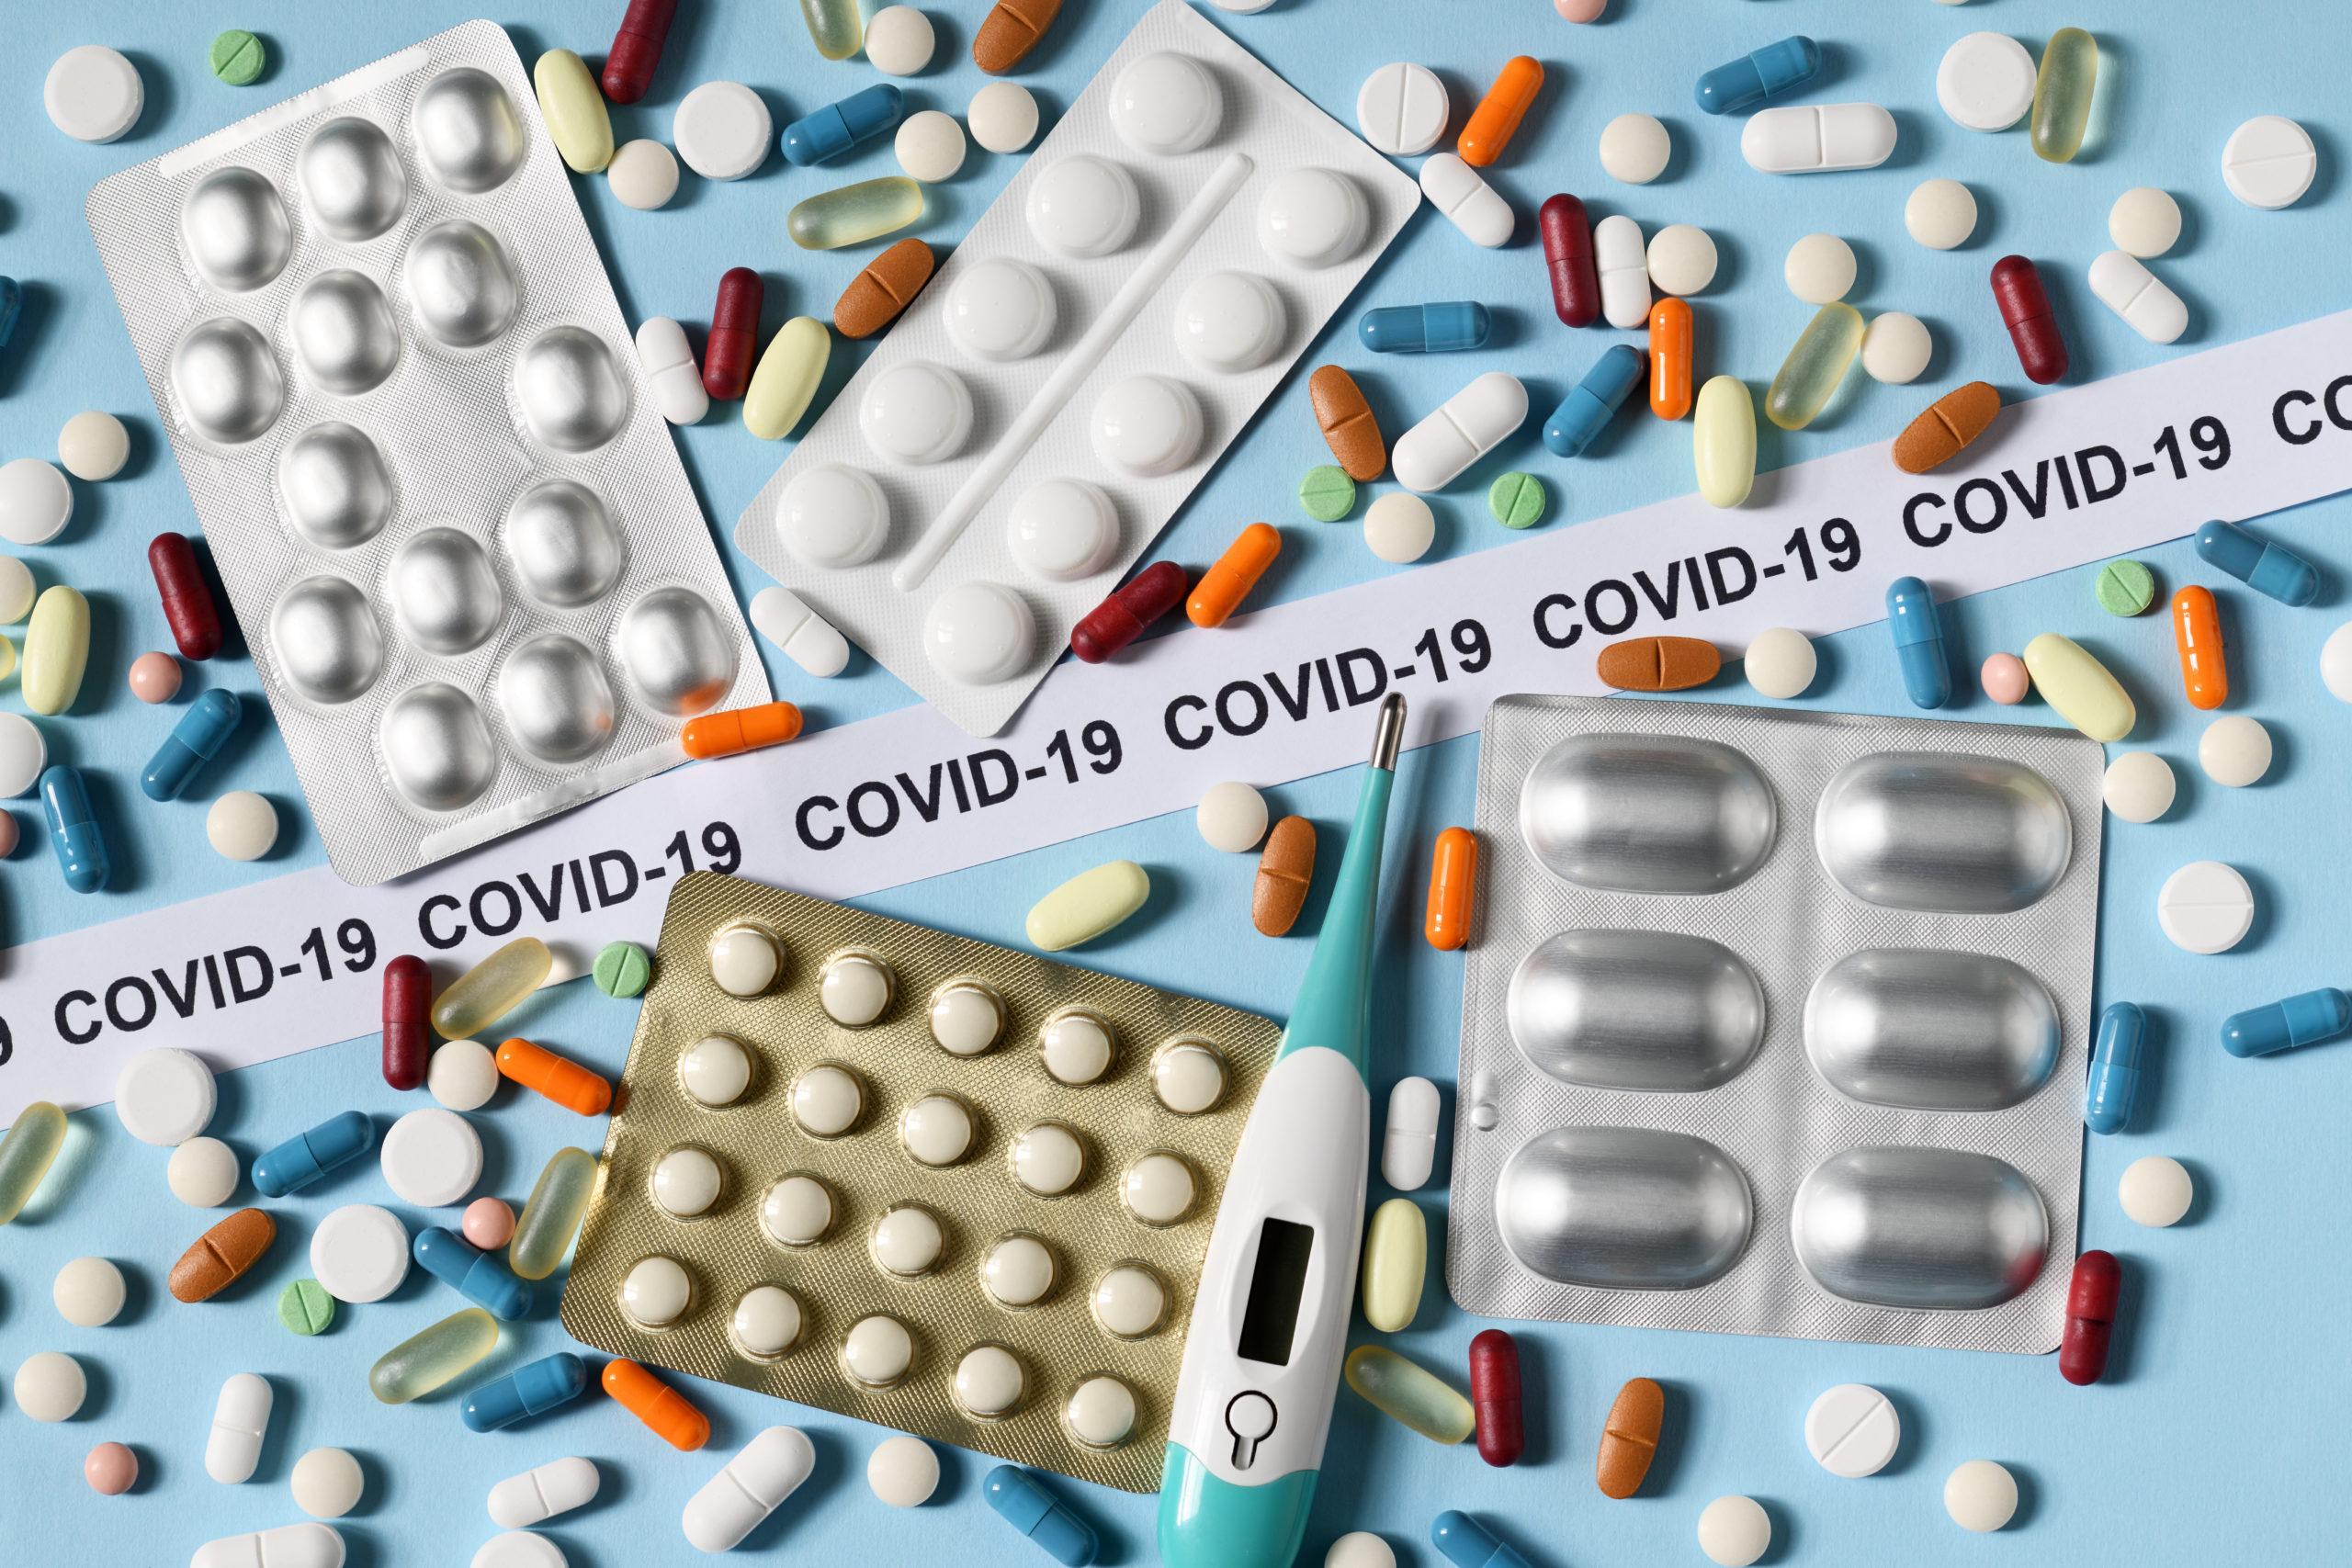 Státní ústav pro kontrolu léčiv zveřejnil přehled hodnocených léčiv na nemoc COVID-19. Perspektivní lék na COVID-19 bude s největší pravděpodobností mezi nimi.